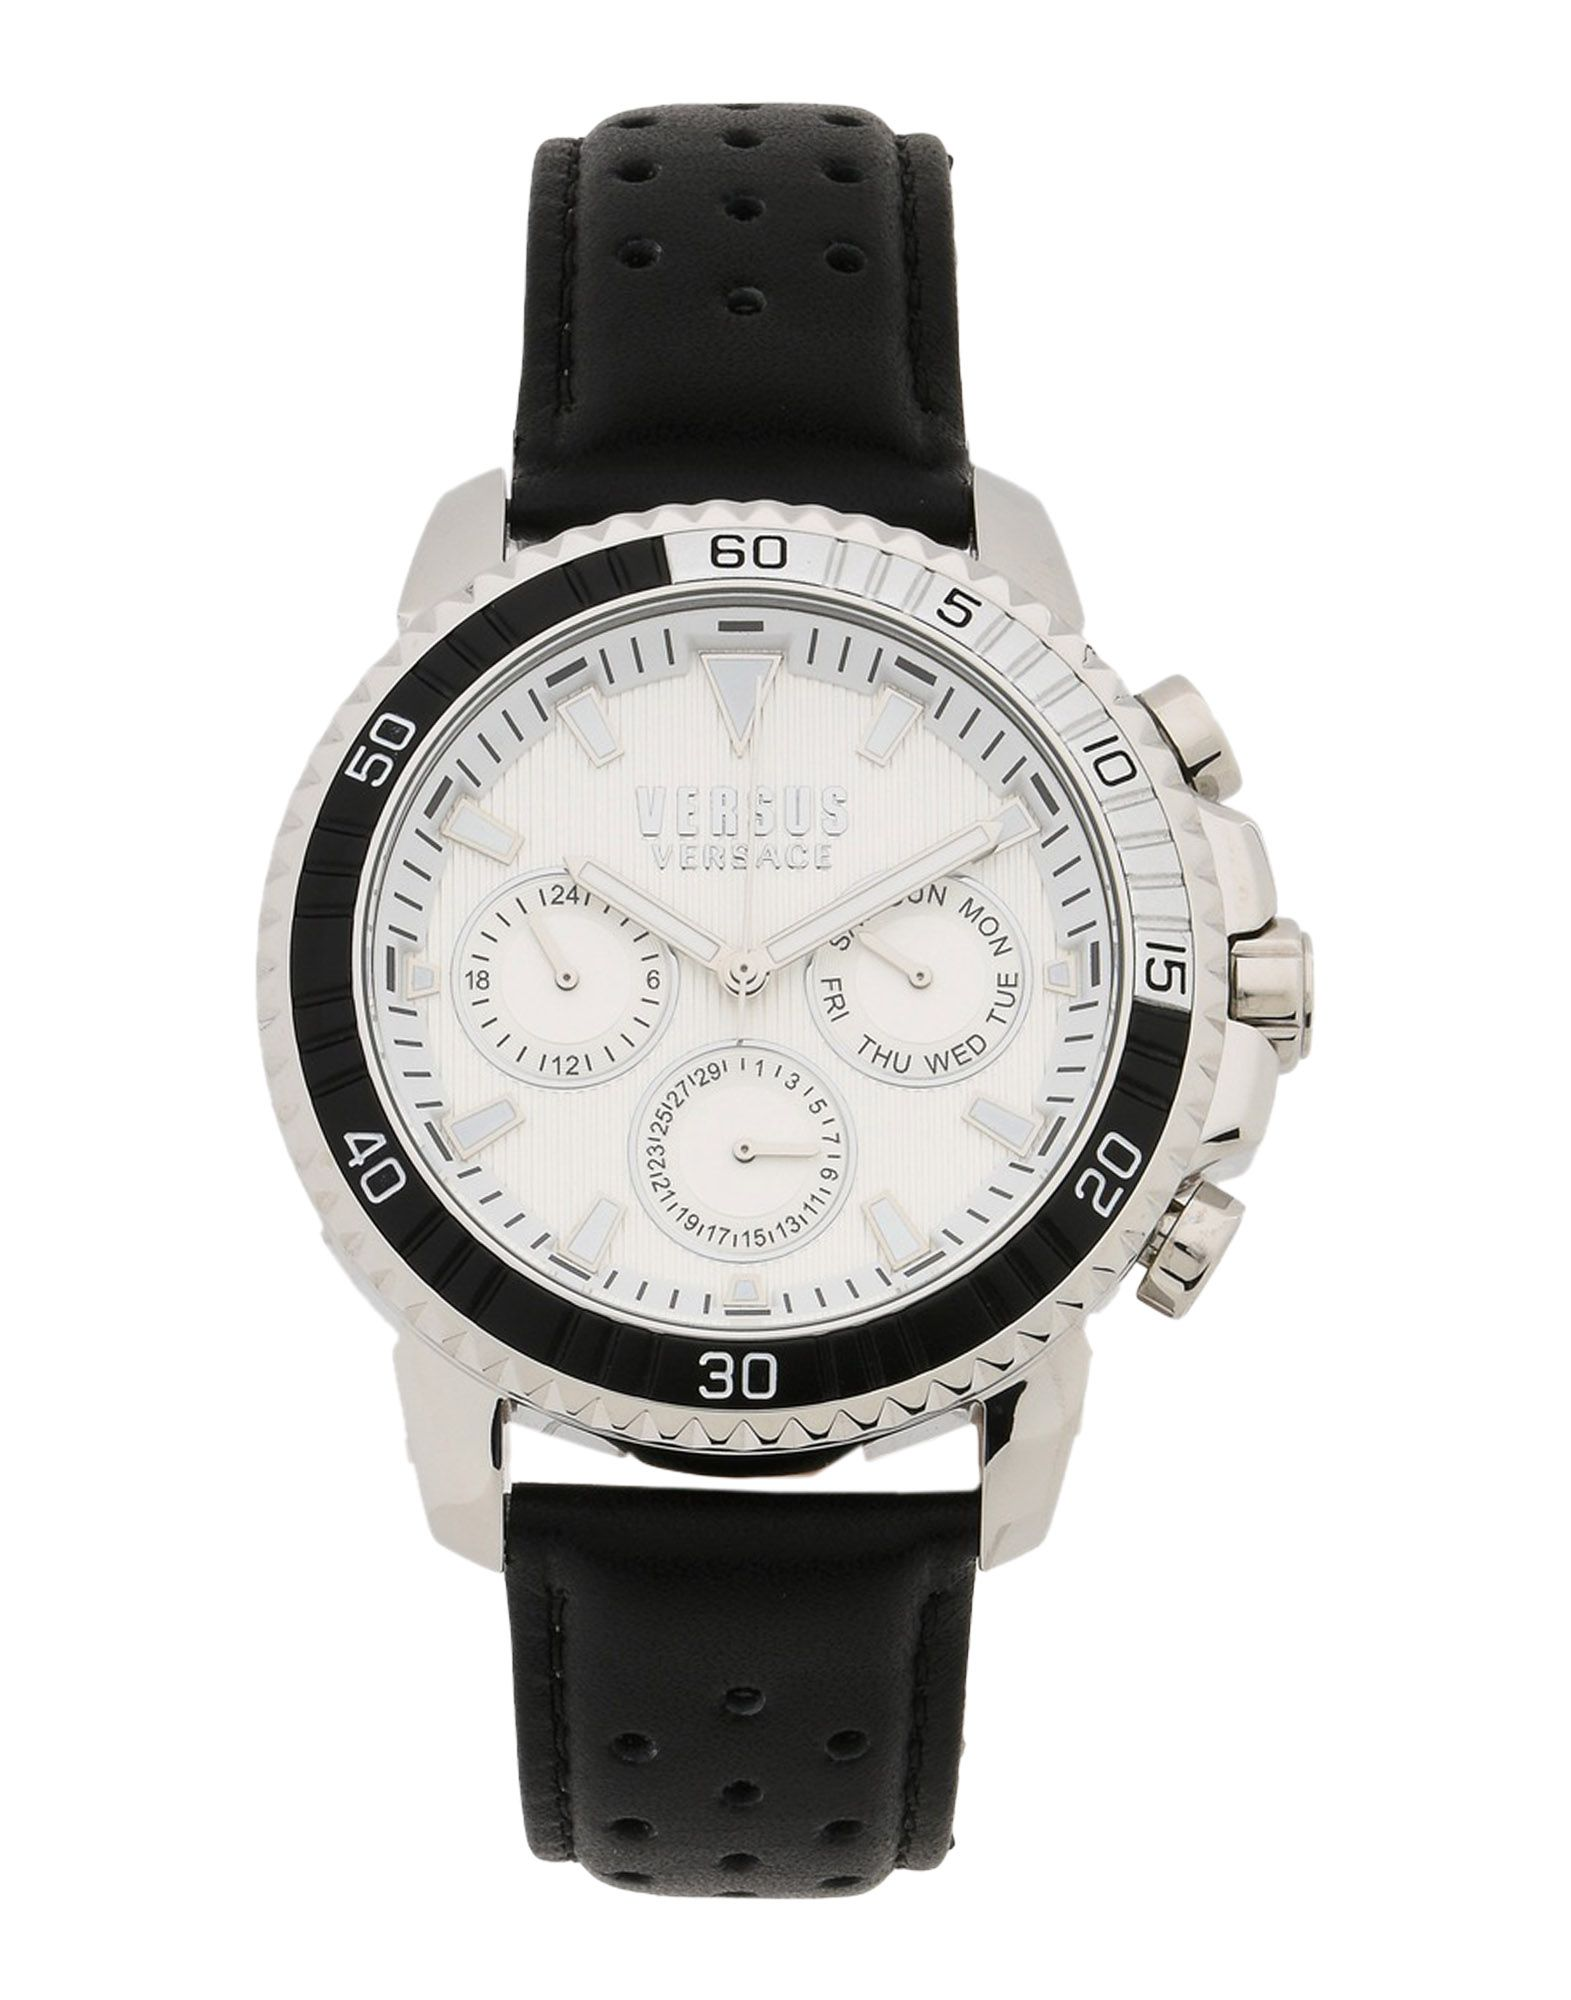 《送料無料》VERSUS VERSACE メンズ 腕時計 ホワイト 革 / ステンレススチール ABERDEEN bi